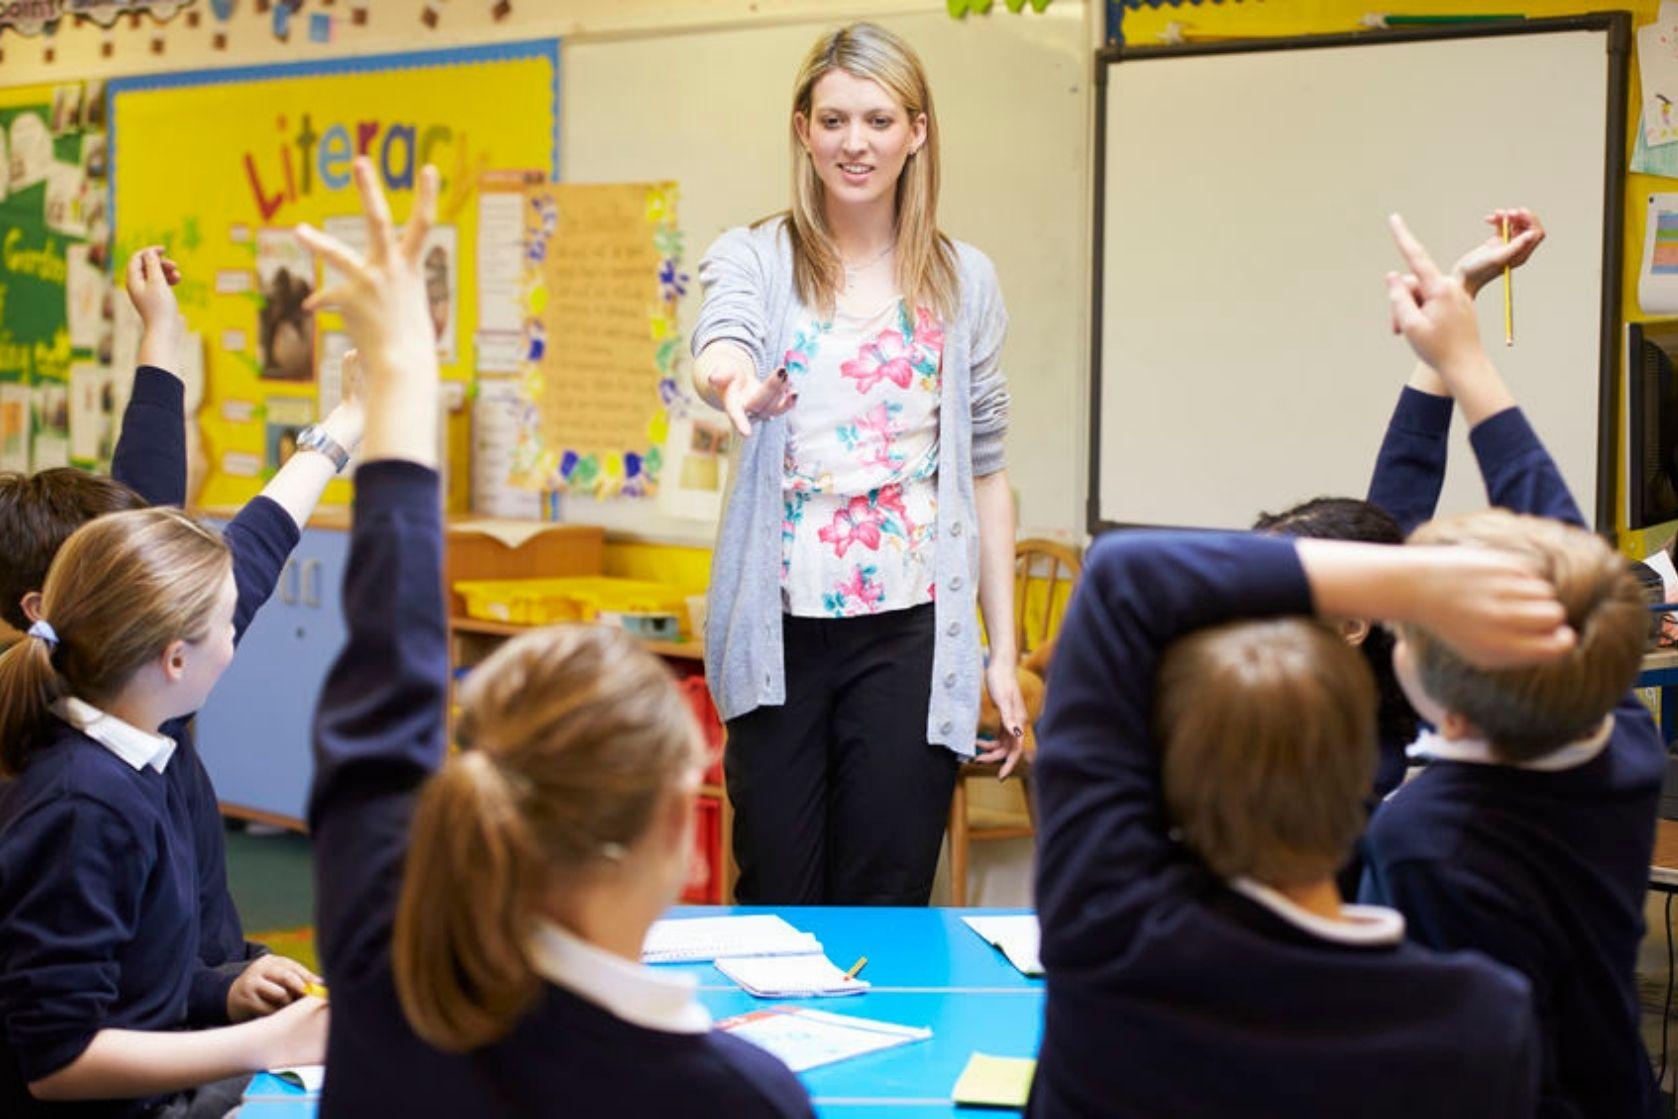 Resume Templates Australia, Teacher Cover Letter, AITSL, Teacher Resume, Education Assistant Resume